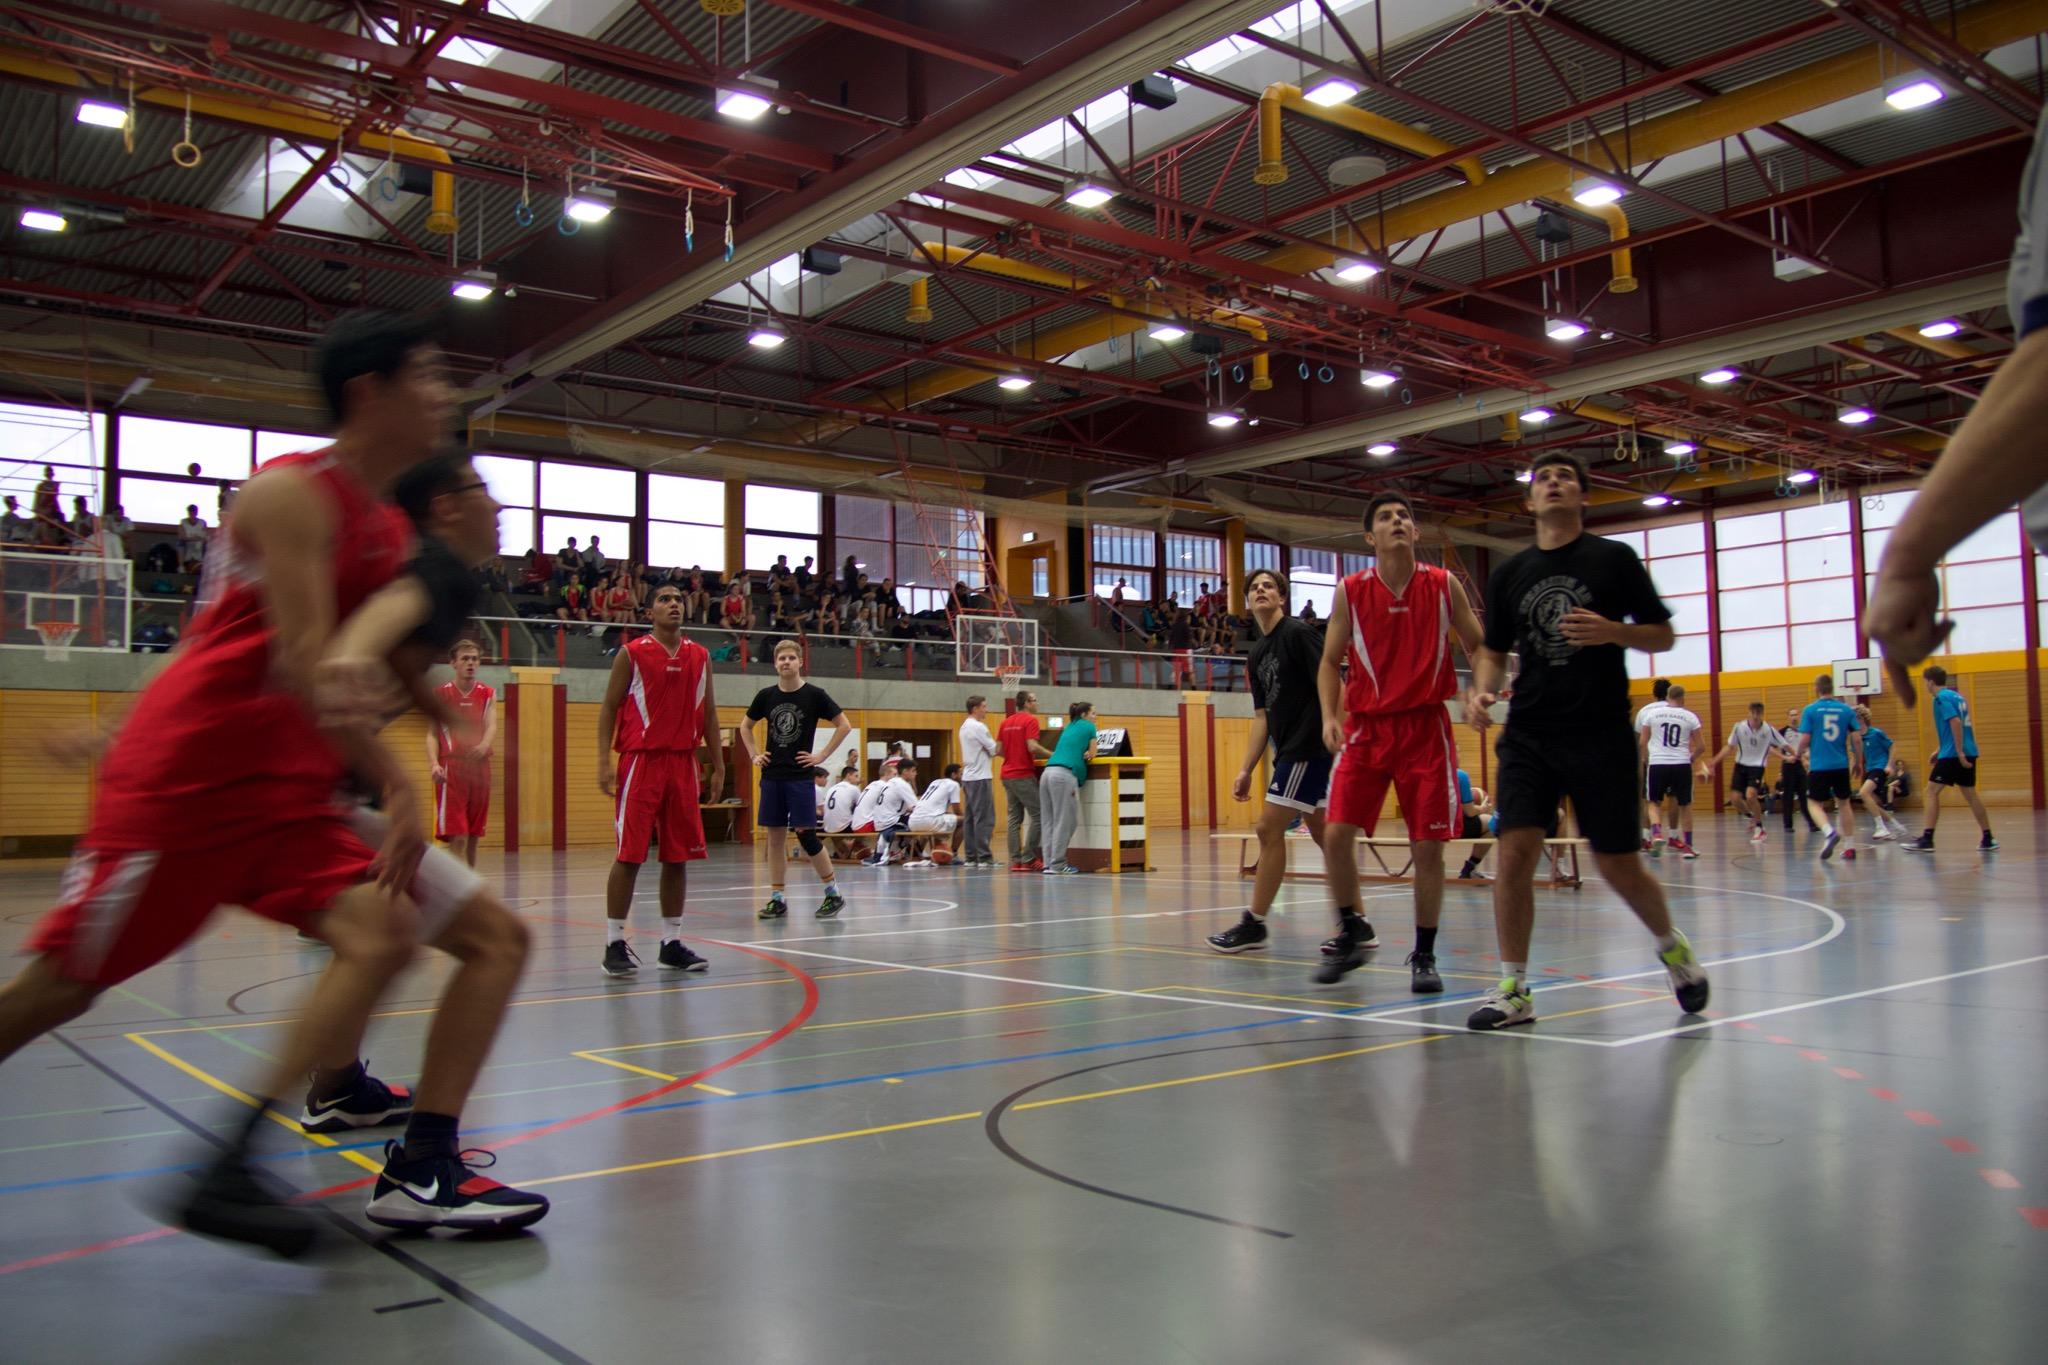 Martin beim Freiwurf (Mirnes und Sam gehen zum Rebound)